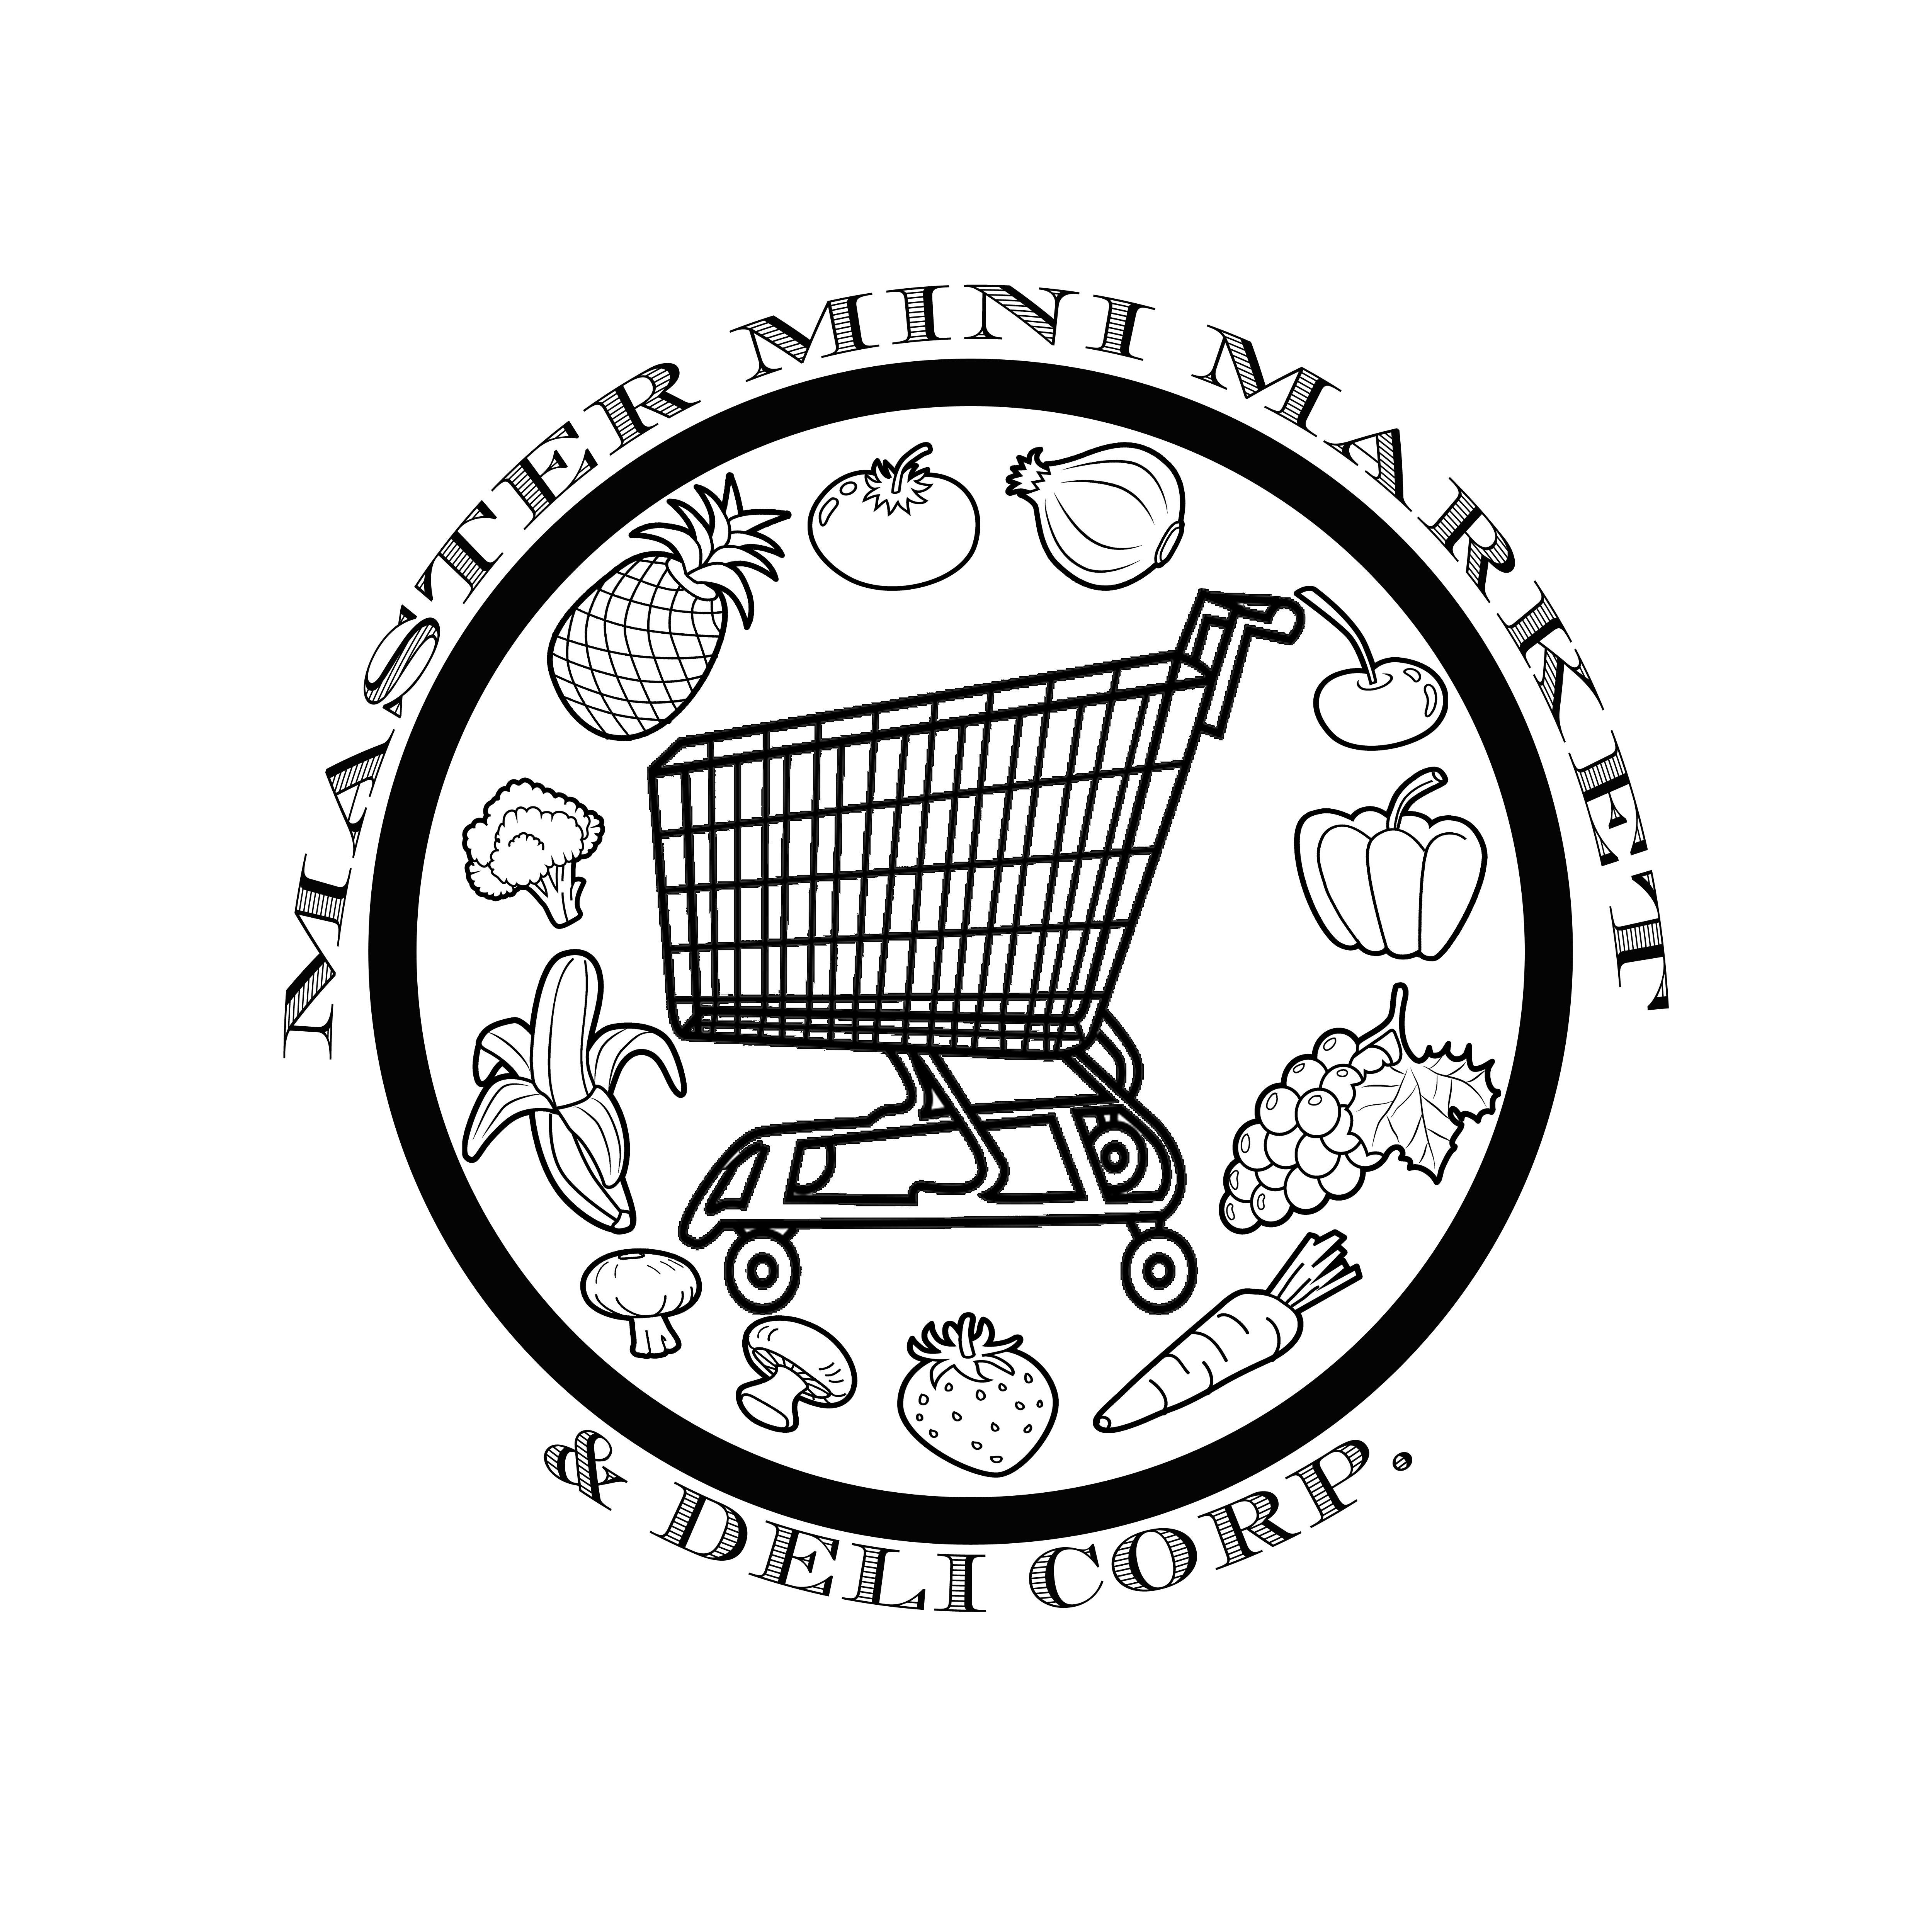 Master MiniMarket and Deli Corp. - ad image